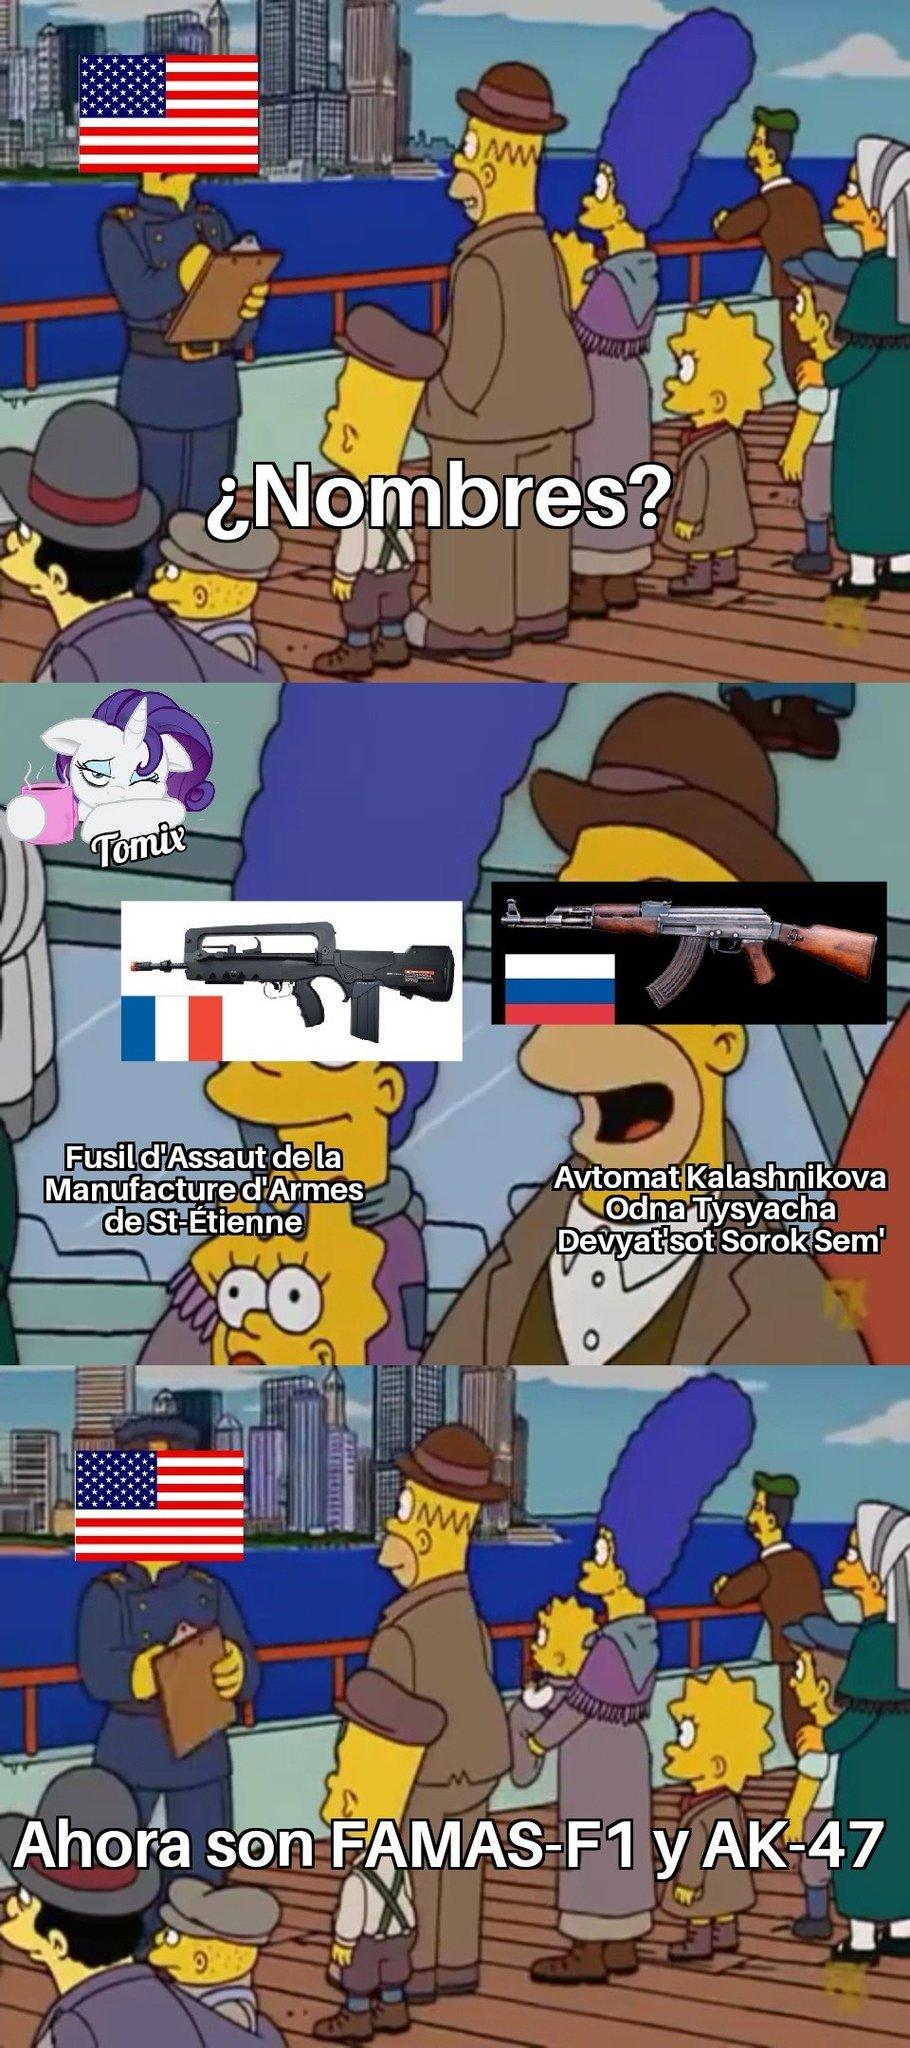 Muricans - meme